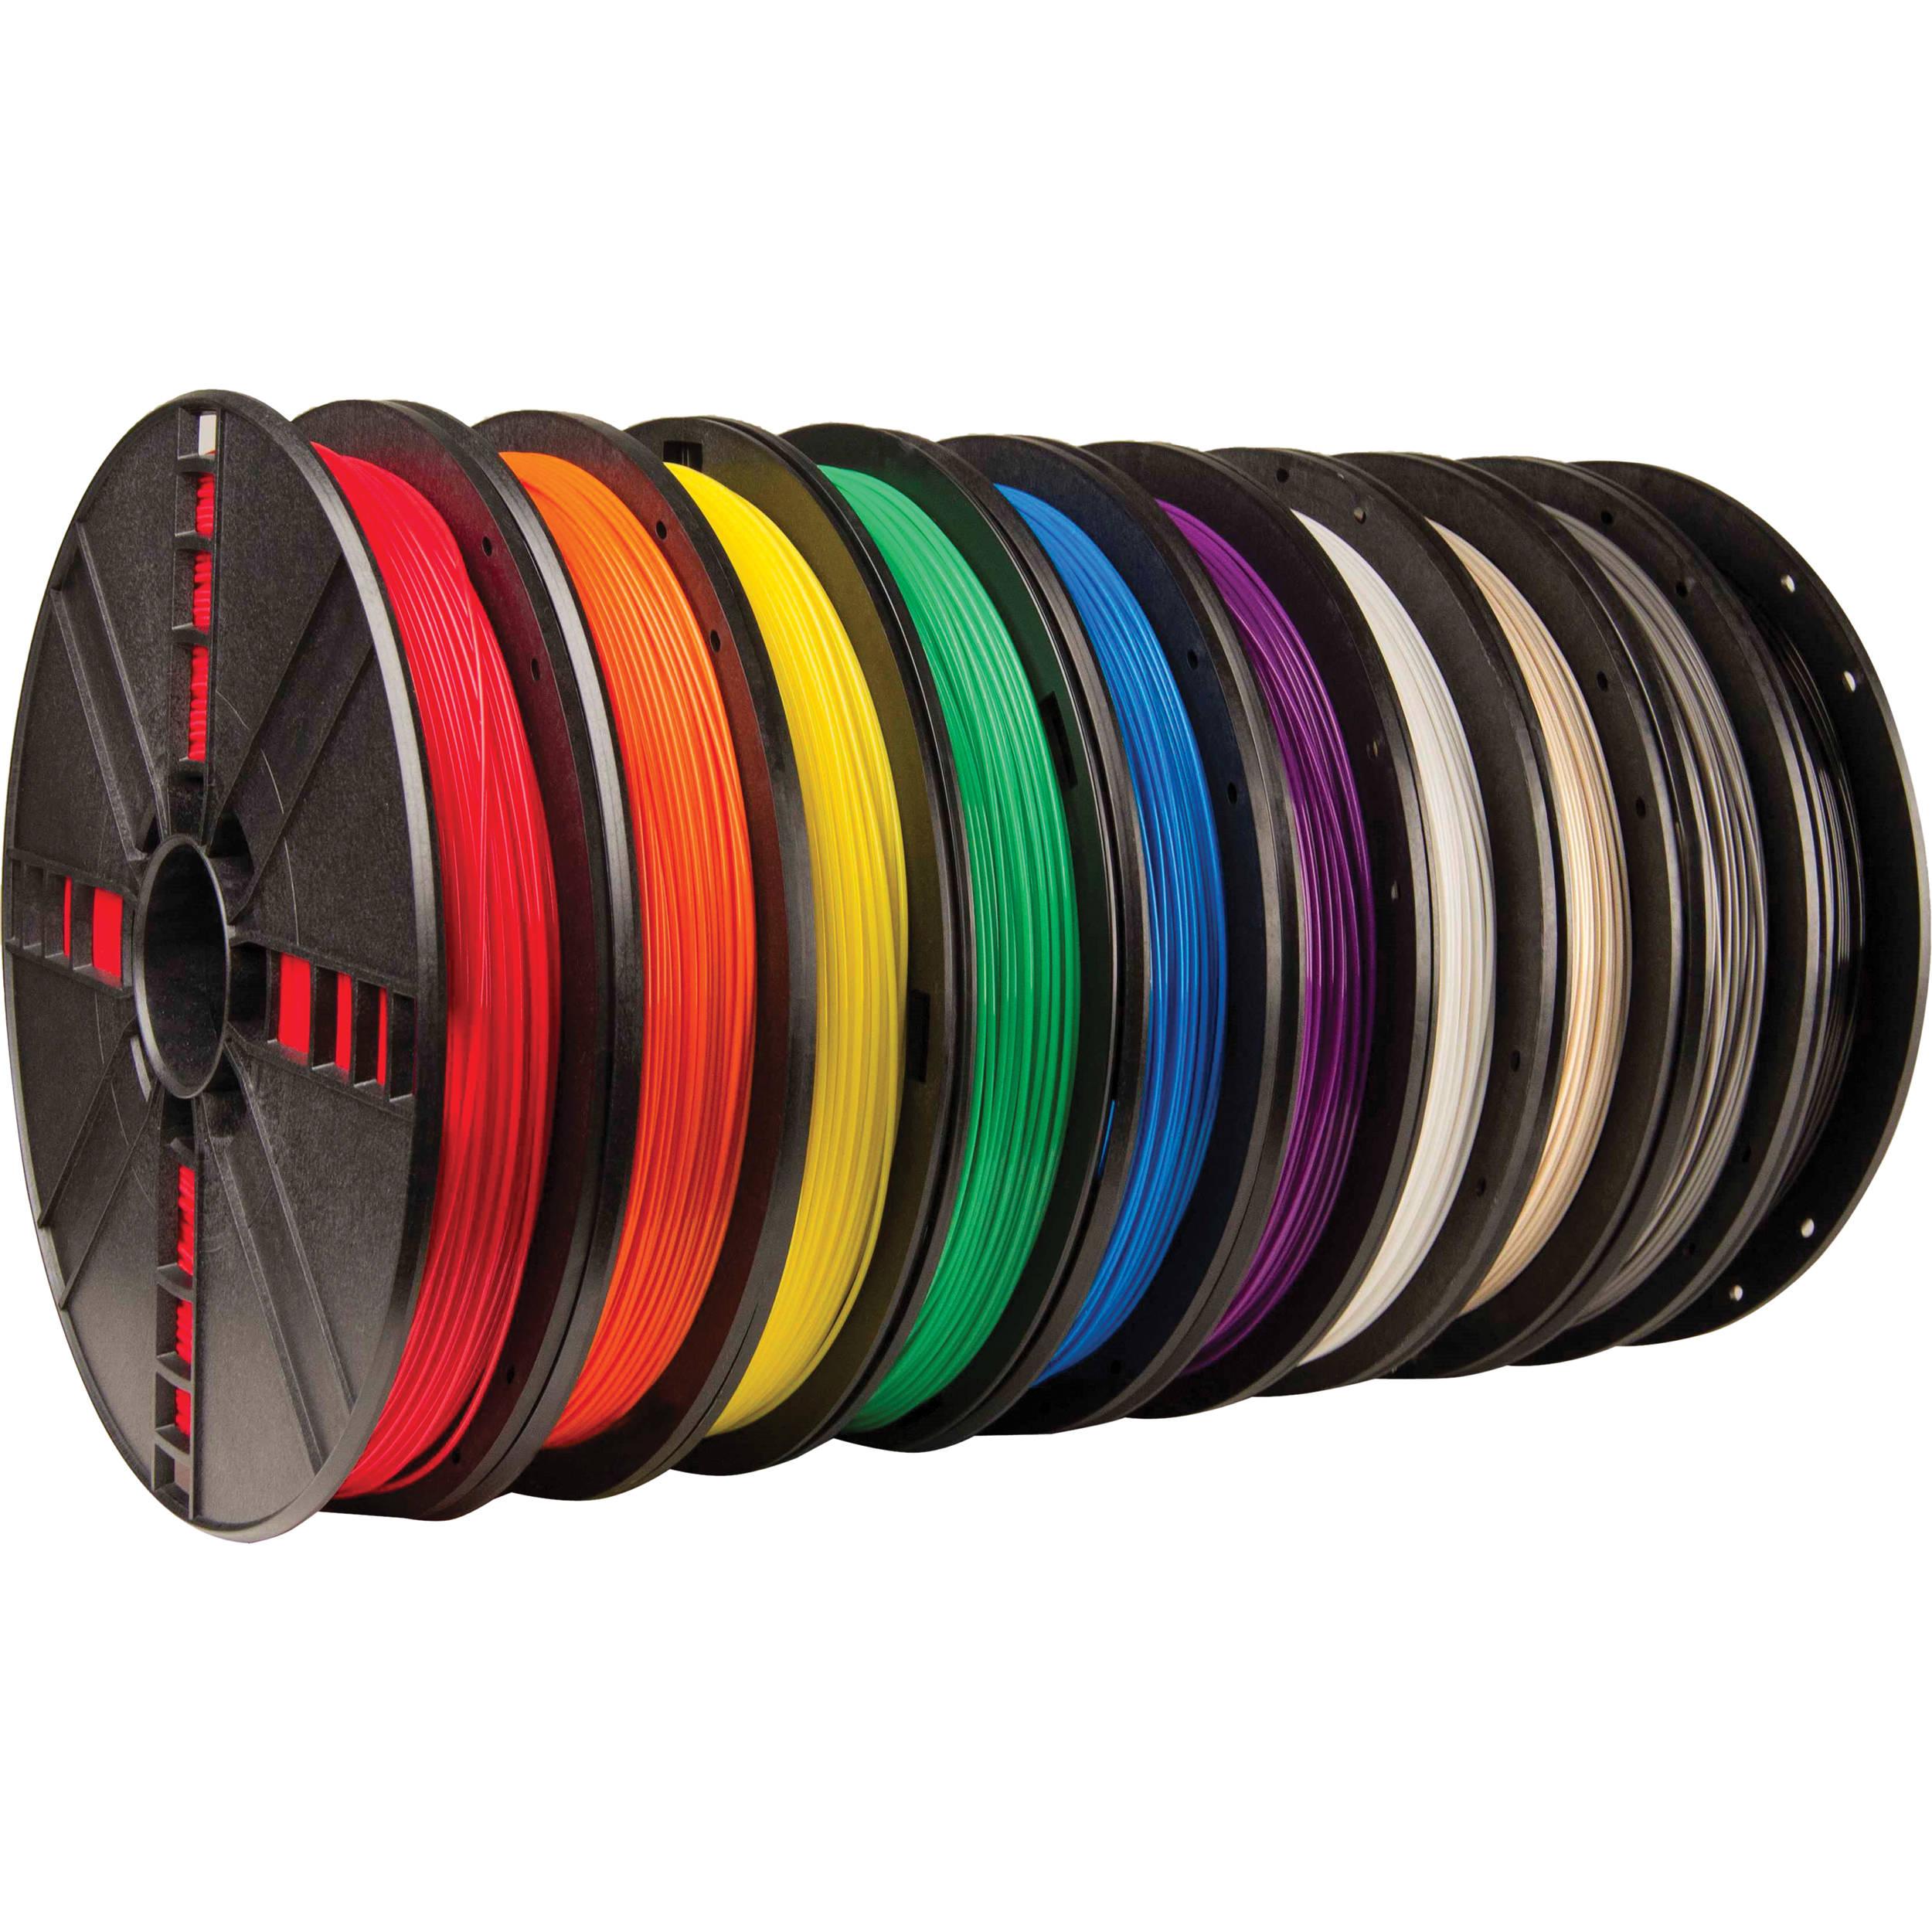 makerbot pla filament large spool 10 pack mp06572 b h. Black Bedroom Furniture Sets. Home Design Ideas